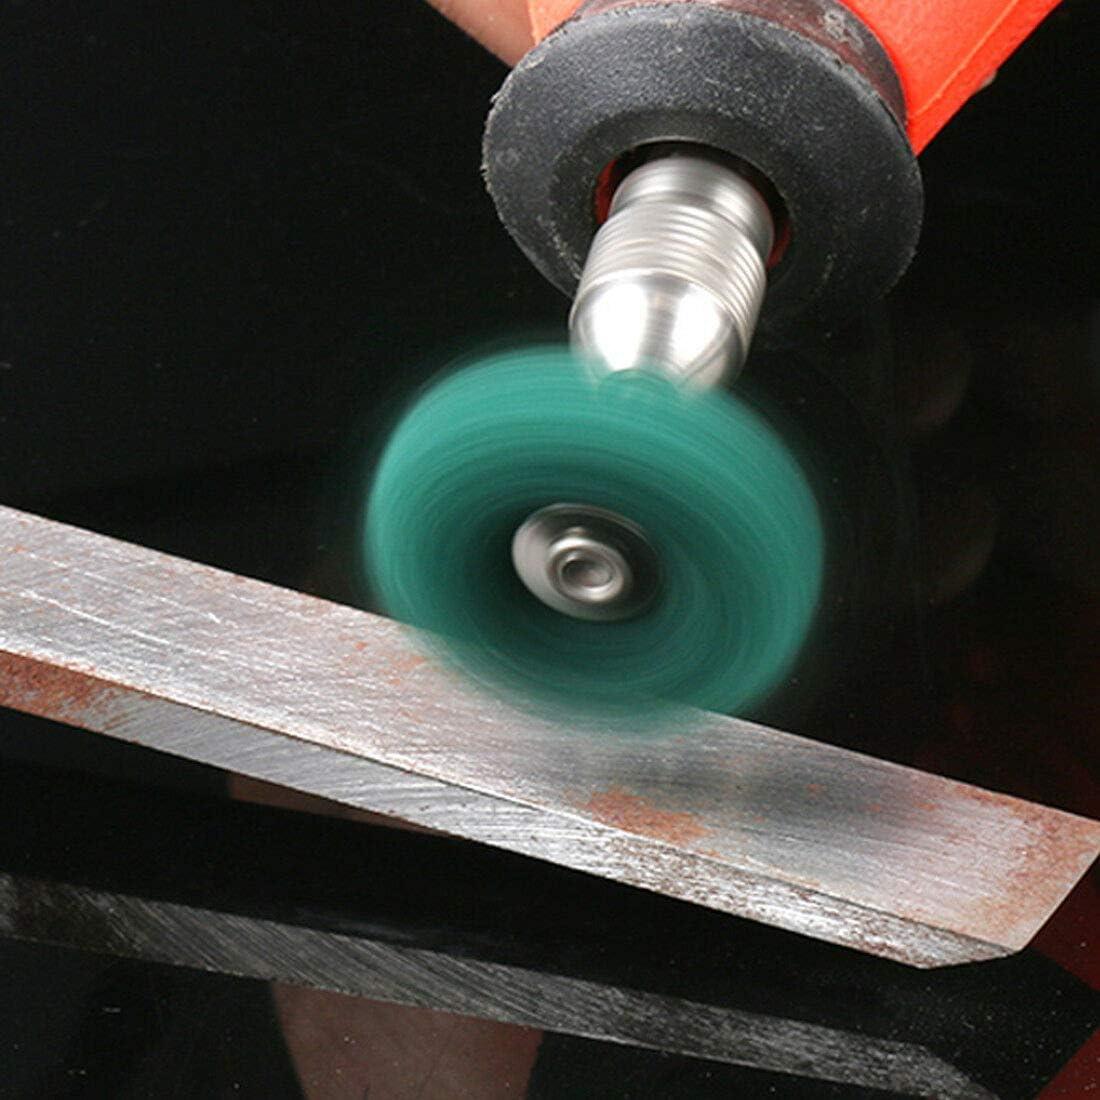 Polierscheiben Schleifzubeh/ör 40-teiliges Set f/ür Dremel Drehwerkzeug Polierscheiben